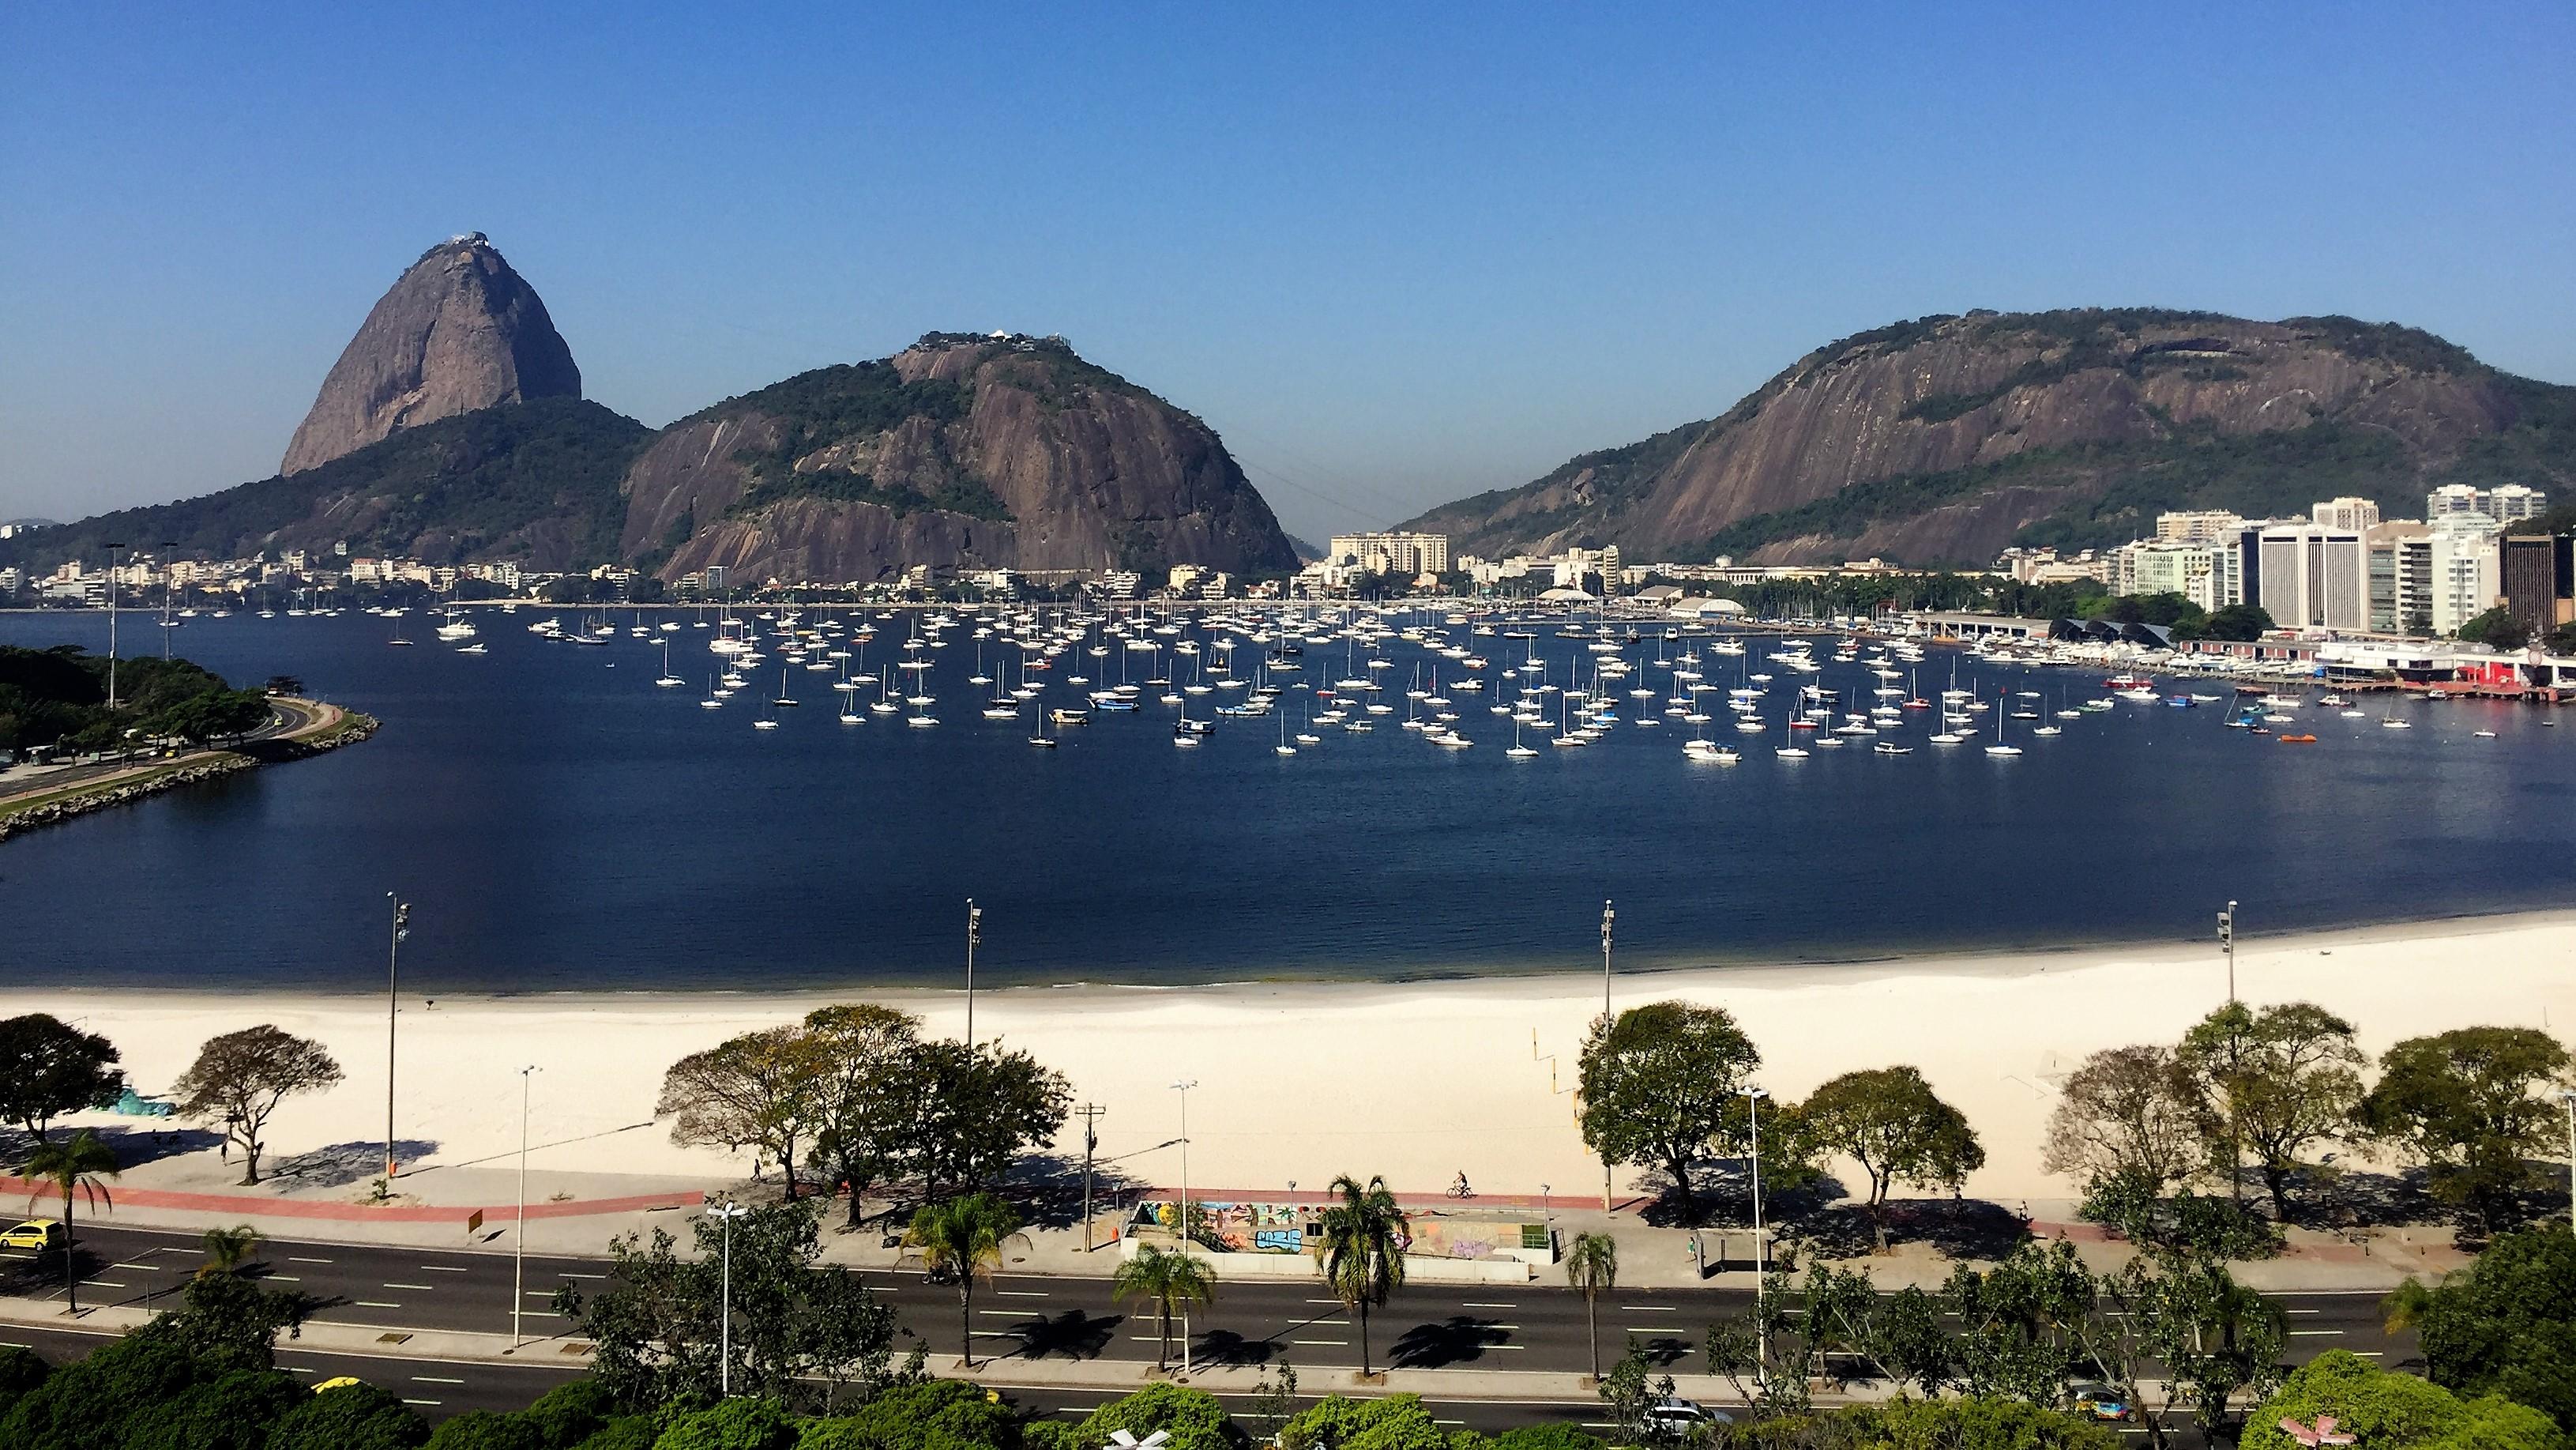 O Pão de Açúcar e a Baía de Guanabara vistos do hotel Yoo2 Rio de Janeiro